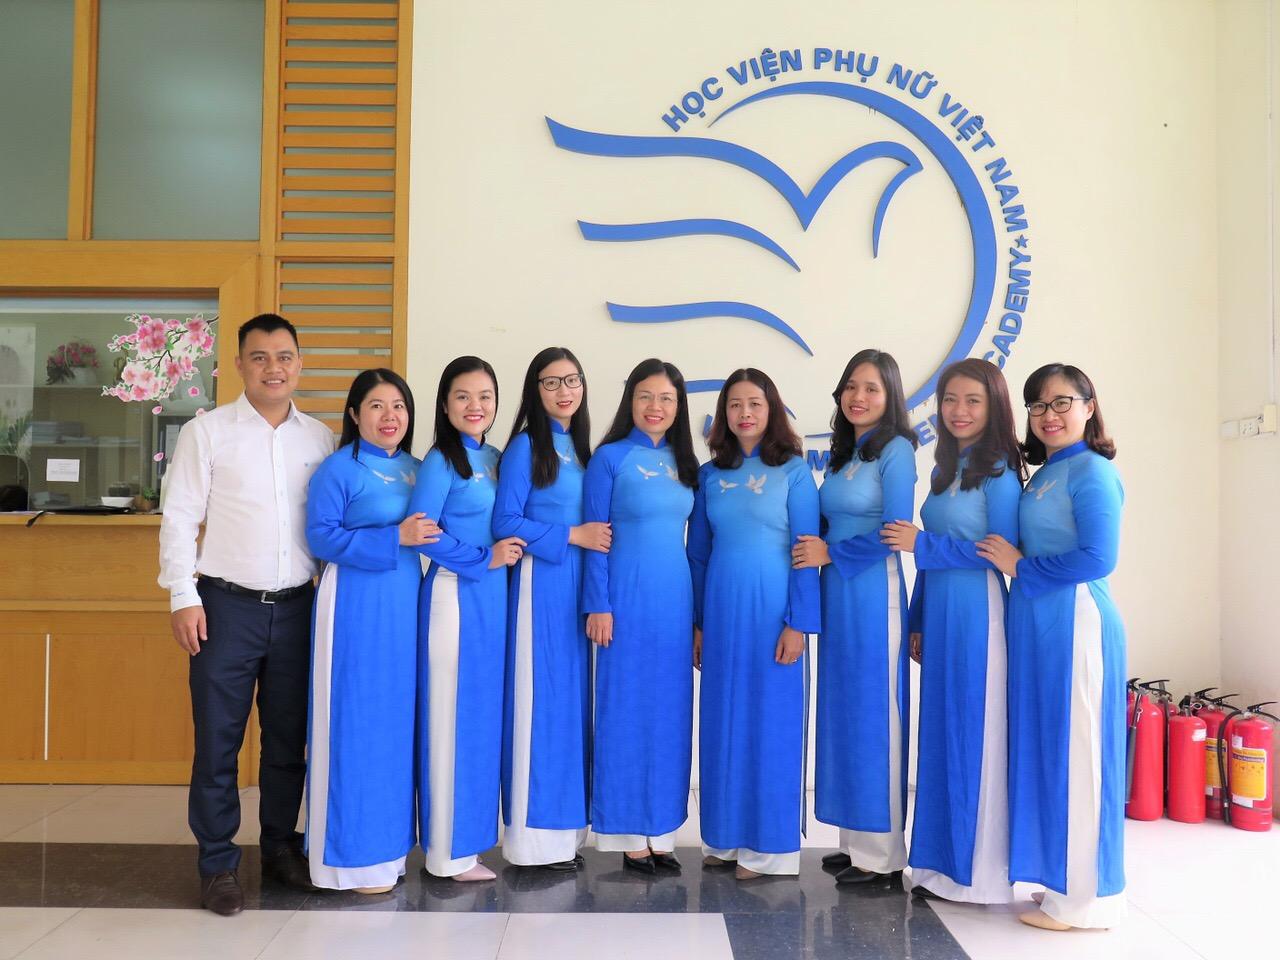 Giới thiệu về khoa CTXH, Học viện Phụ nữ Việt Nam